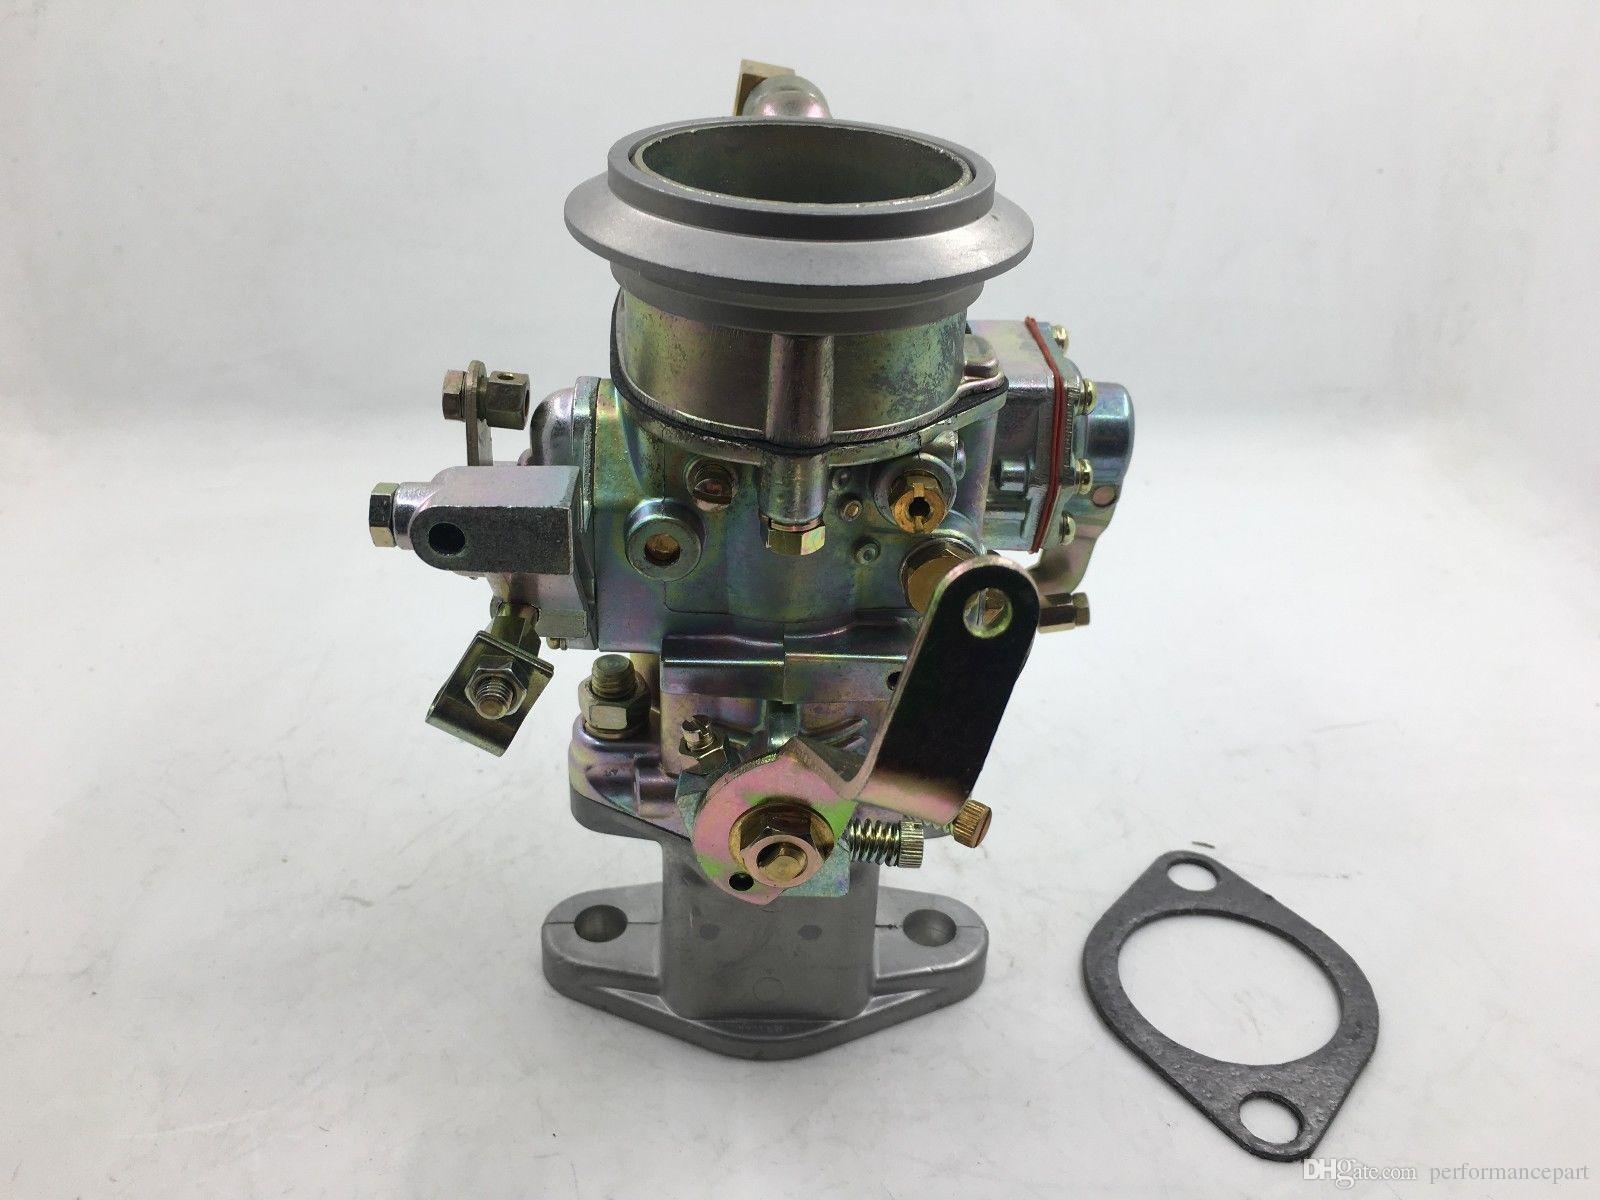 Jeep 134 F Head Engine Diagram 2018 Solex Carburetor Fits Willys Cj3b Cj5 Cj6 Ci 1770102 1 Barrel